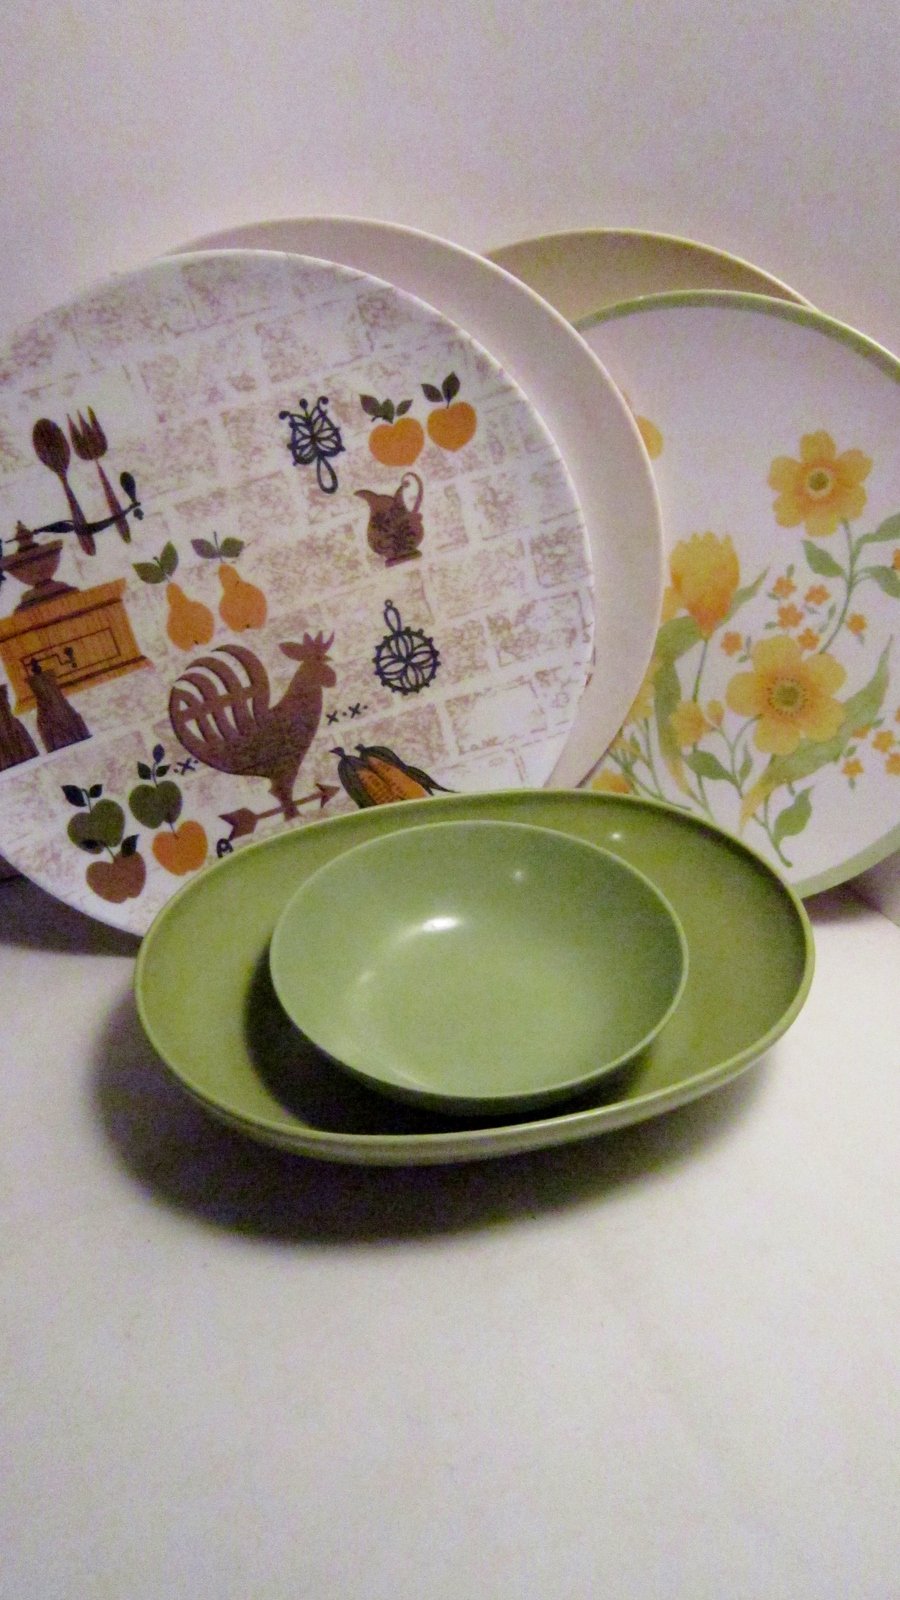 Melamine melmac plates and bowls 07